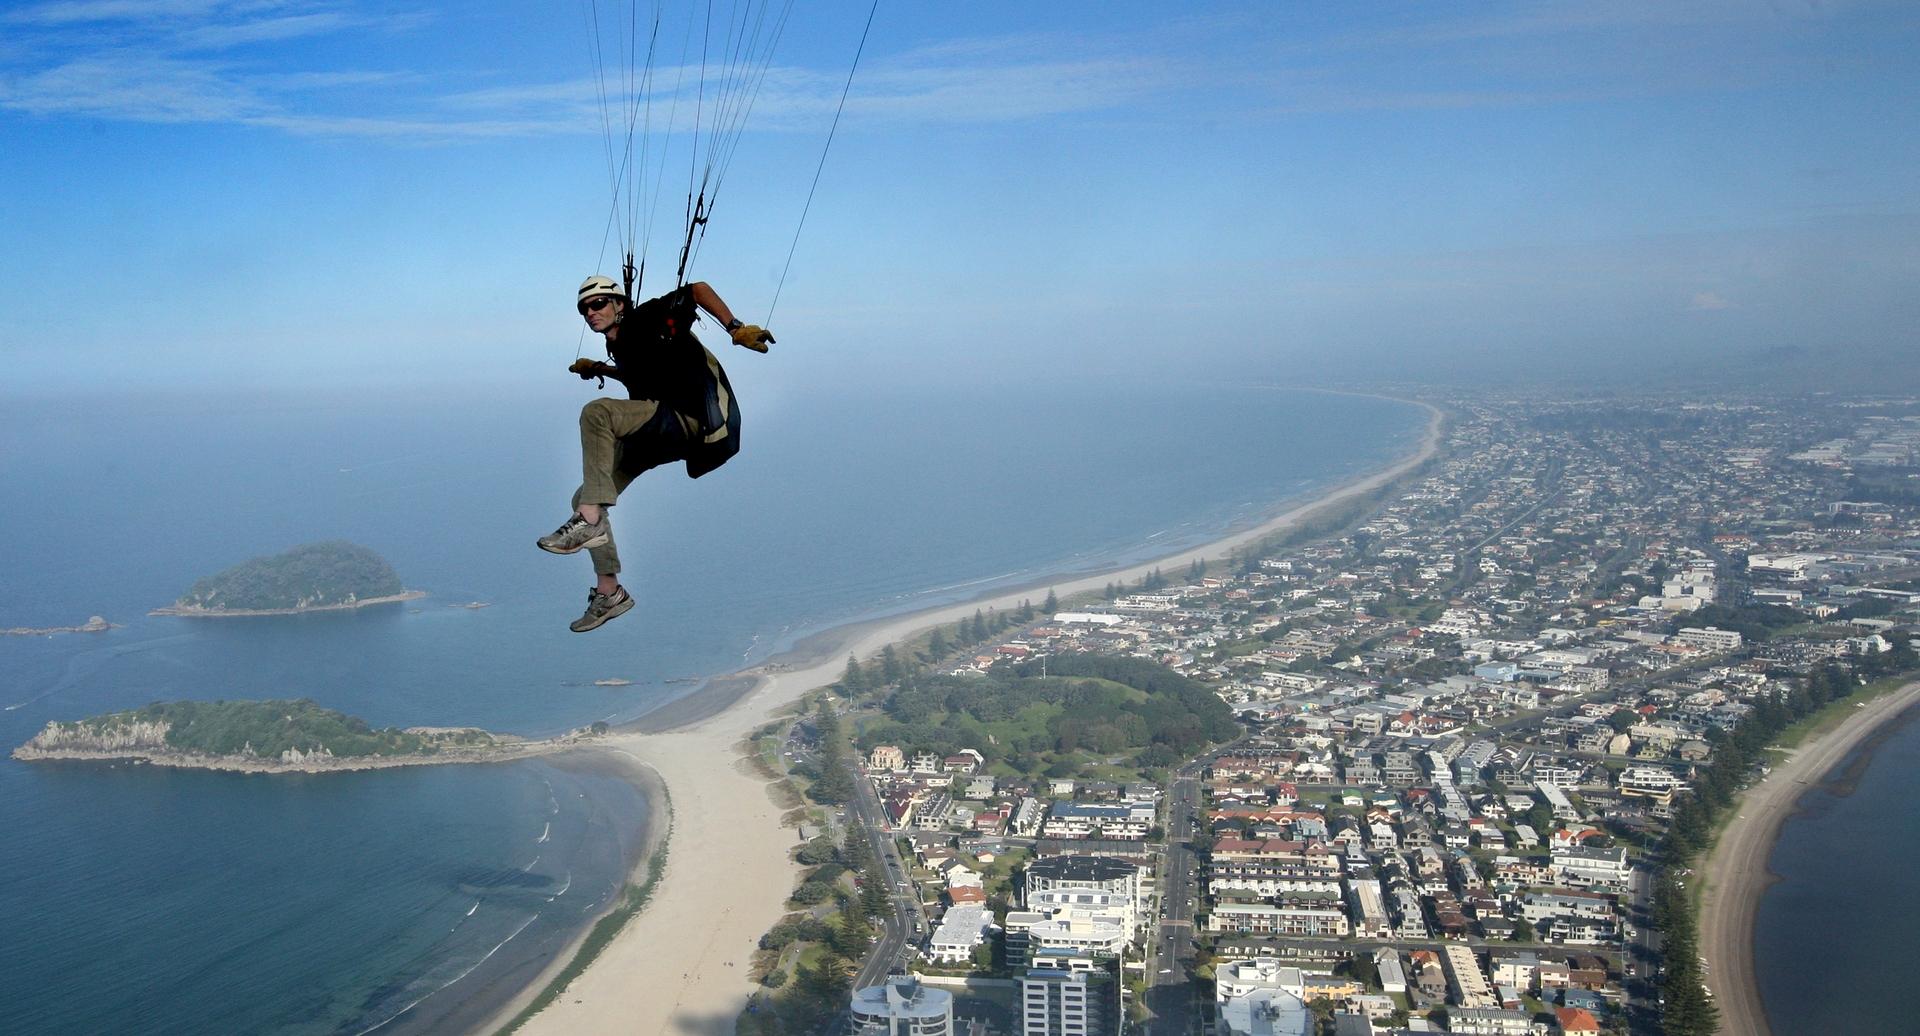 Paraglider pilot still defiant - NZ Herald